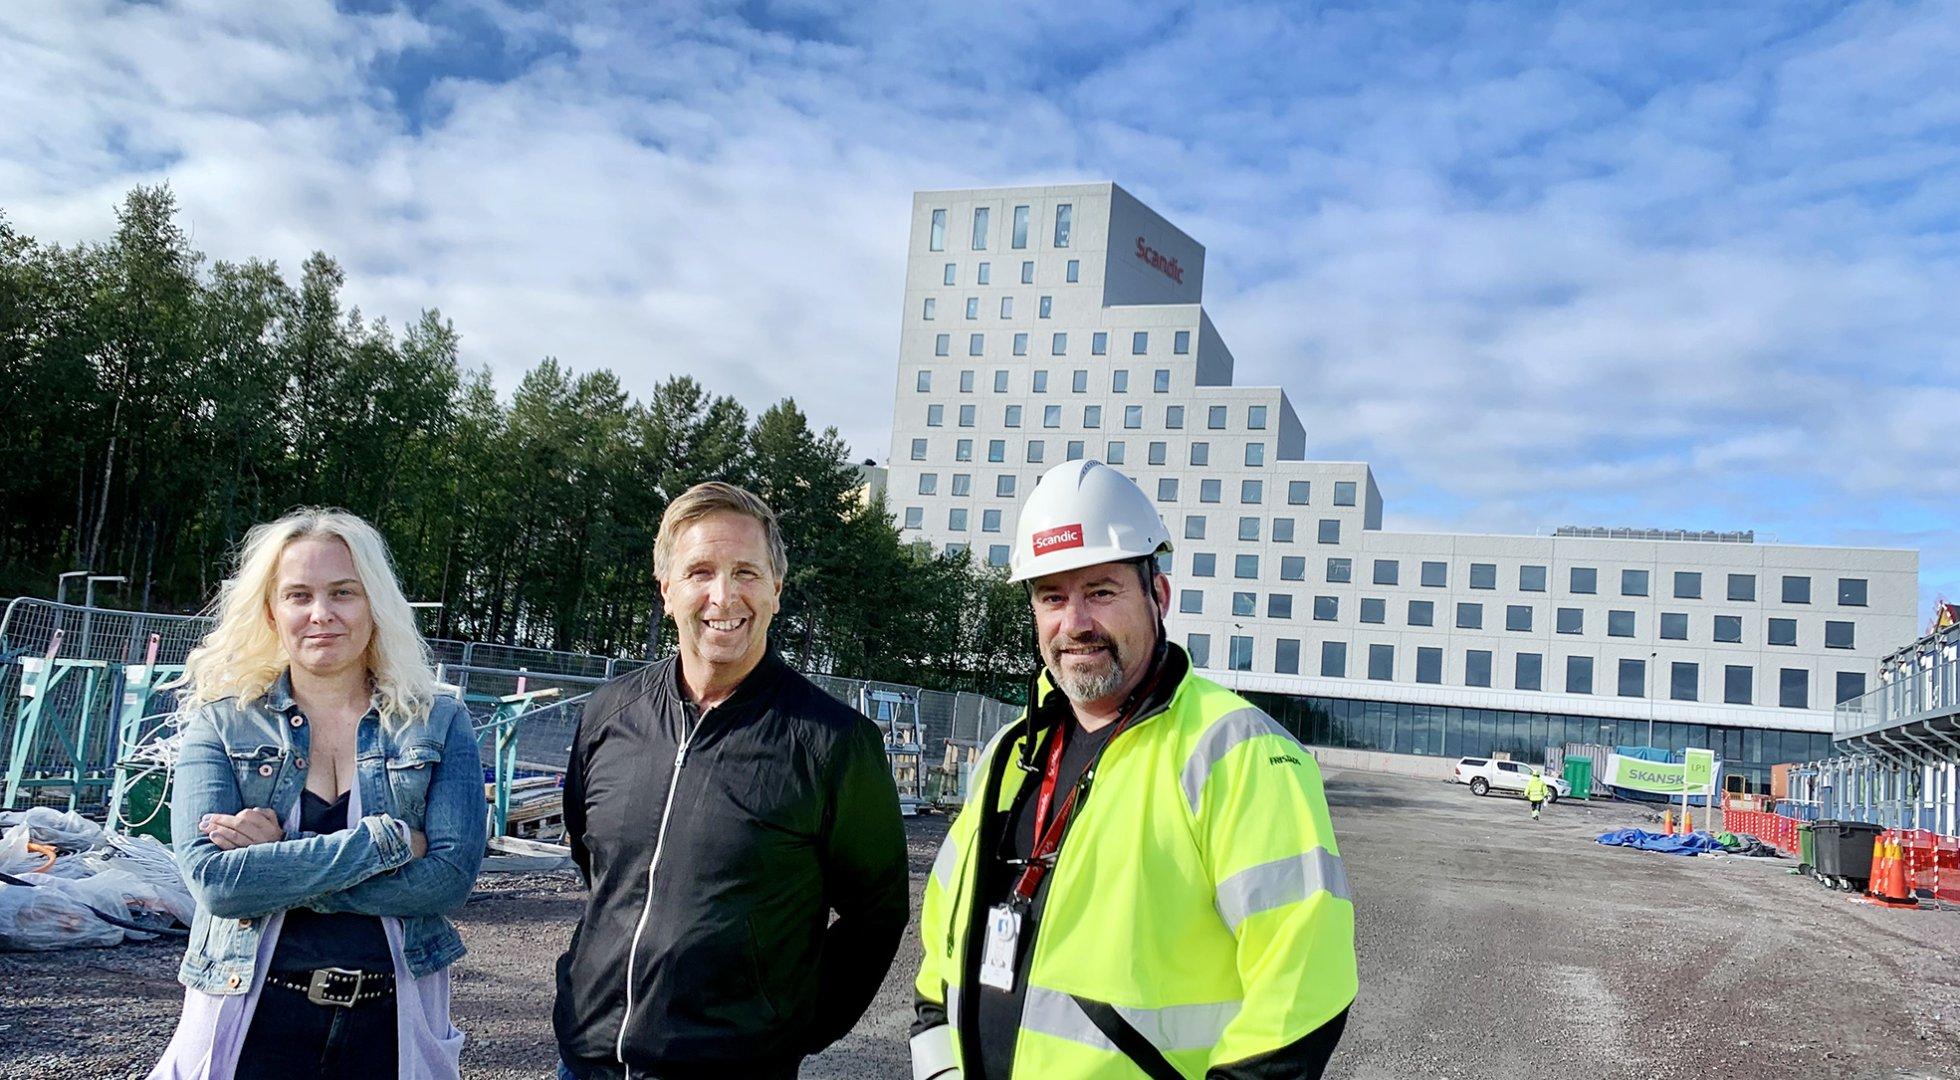 Johanna Ögren, Peter Samuelsson och Patrik Karlsson. Foto: